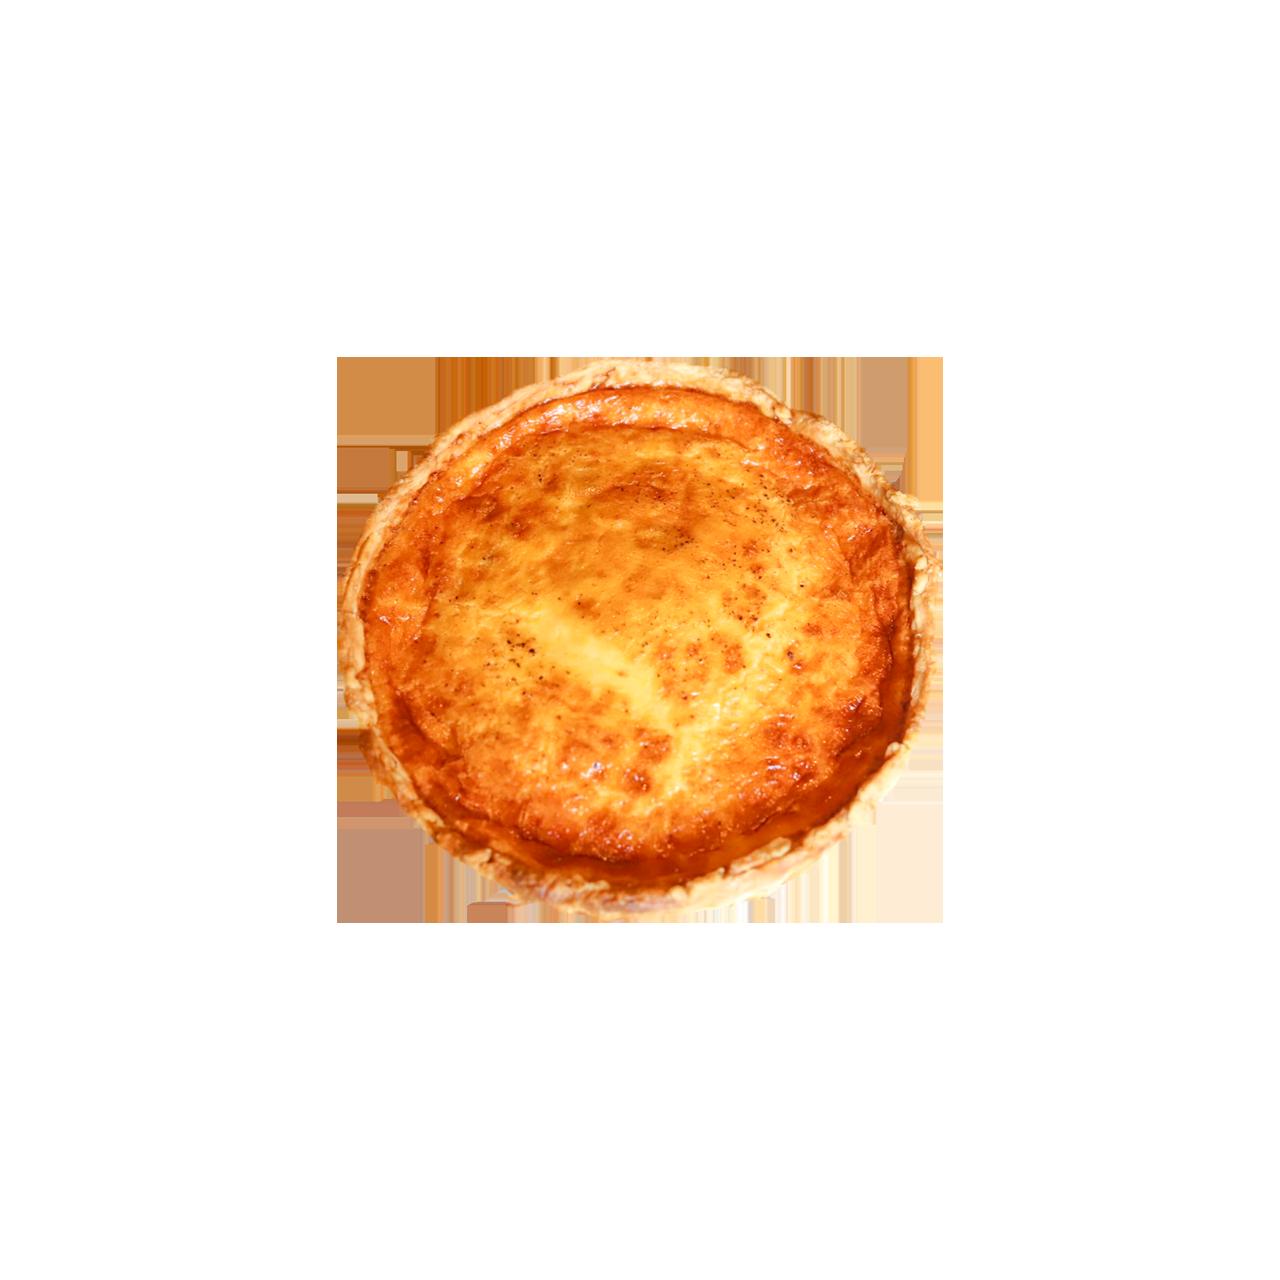 ブルーチーズ香る濃厚チーズのキッシュ【直径12cm】